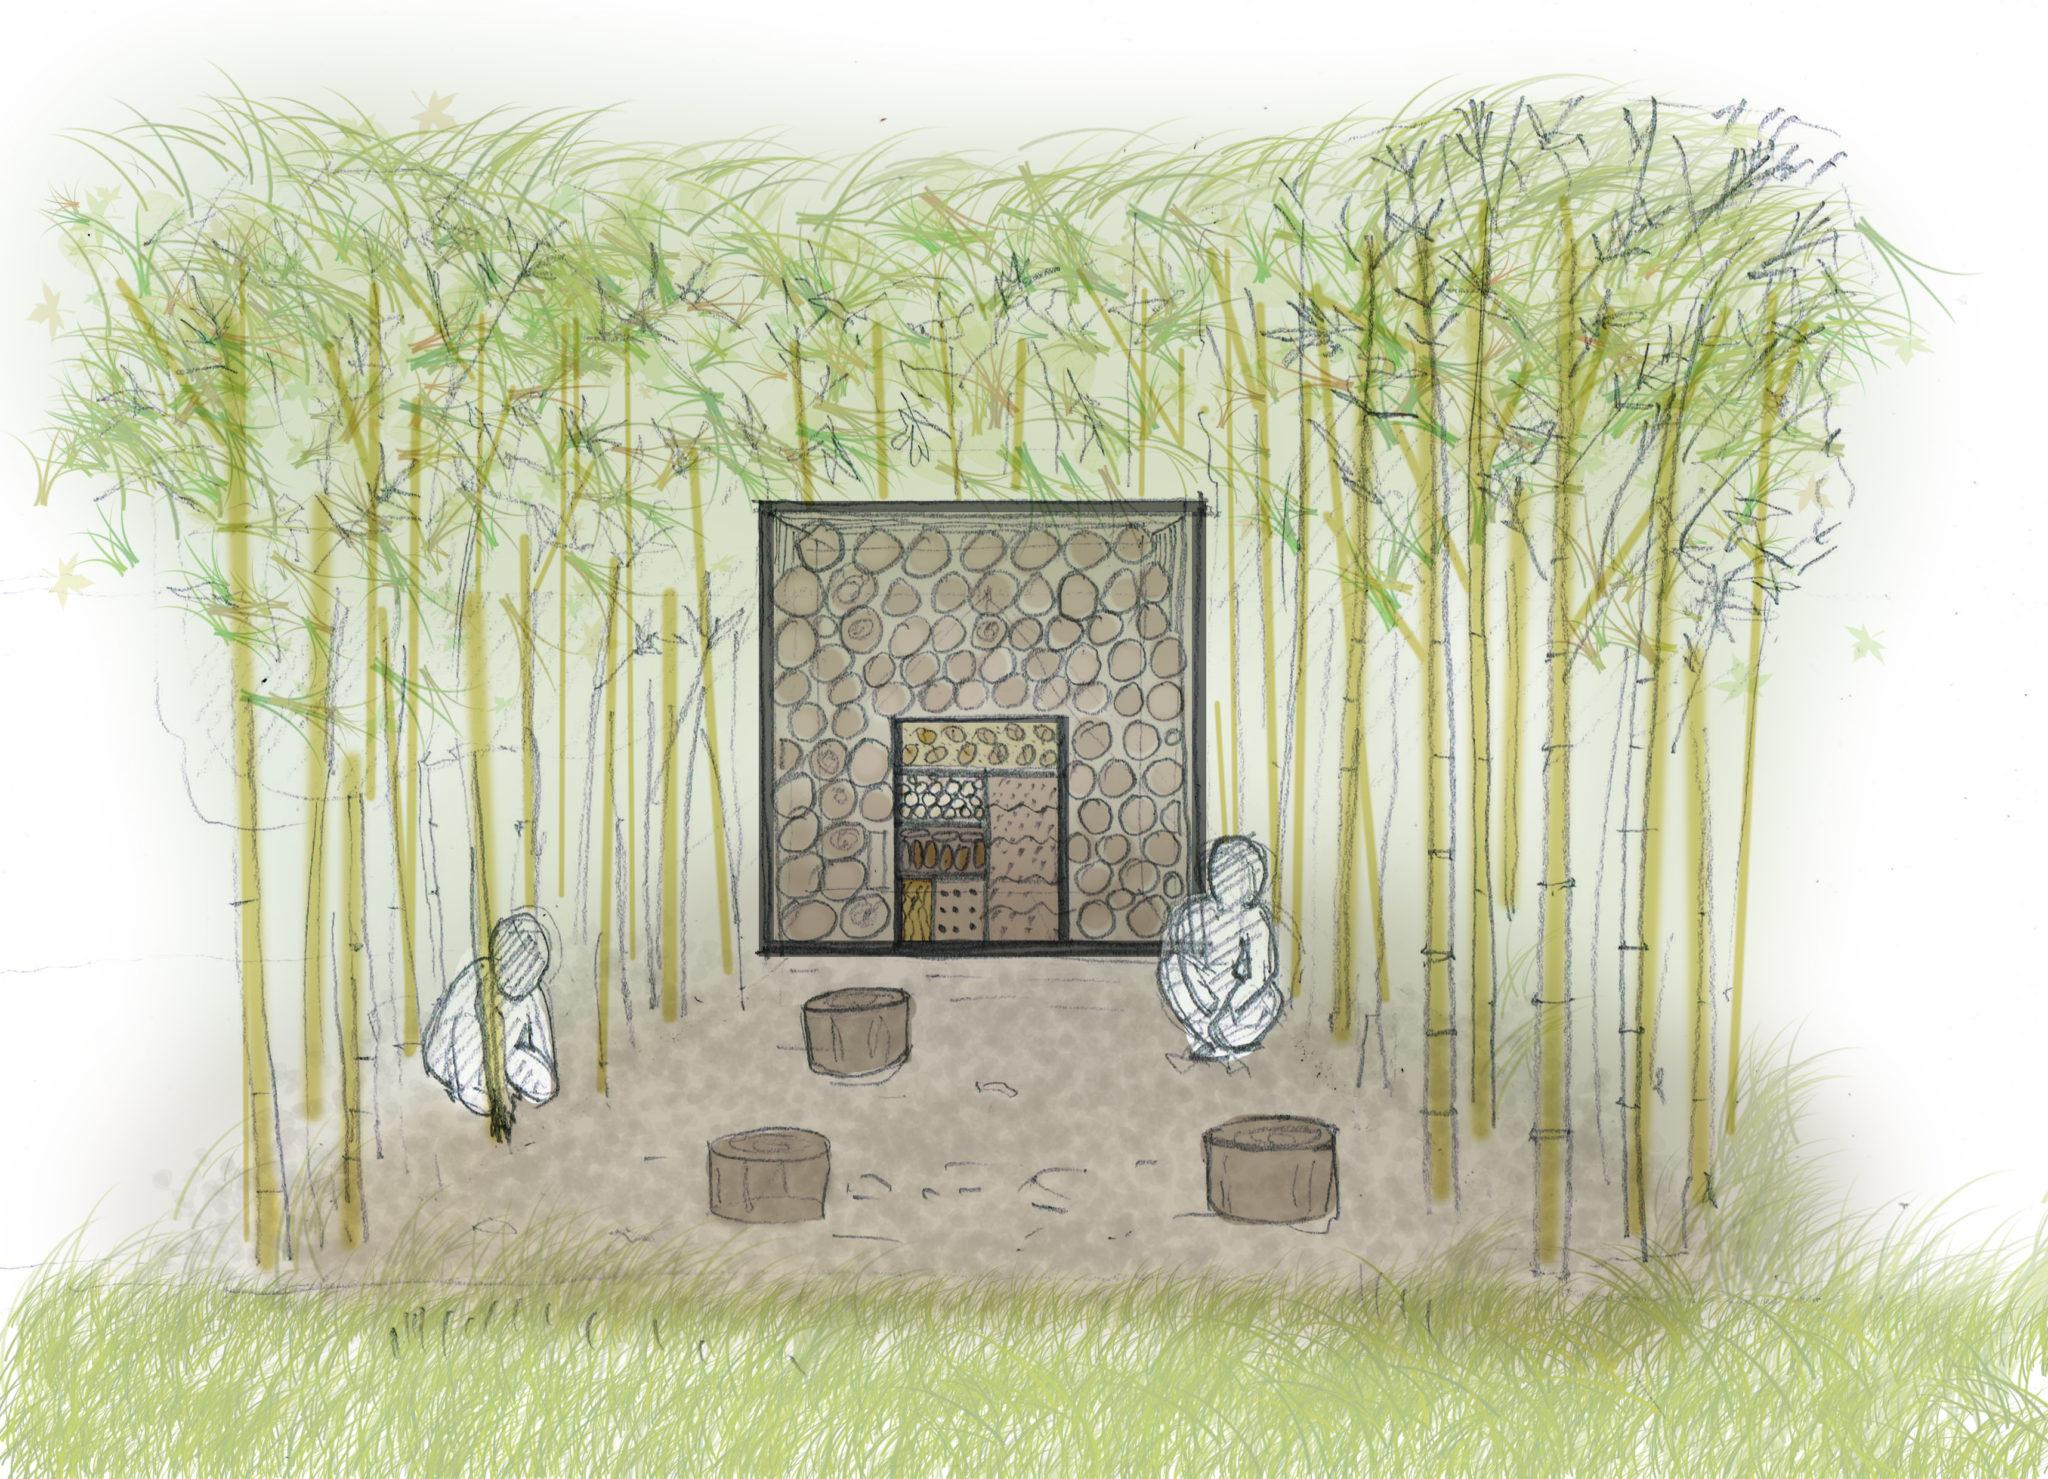 pohled do bambusu